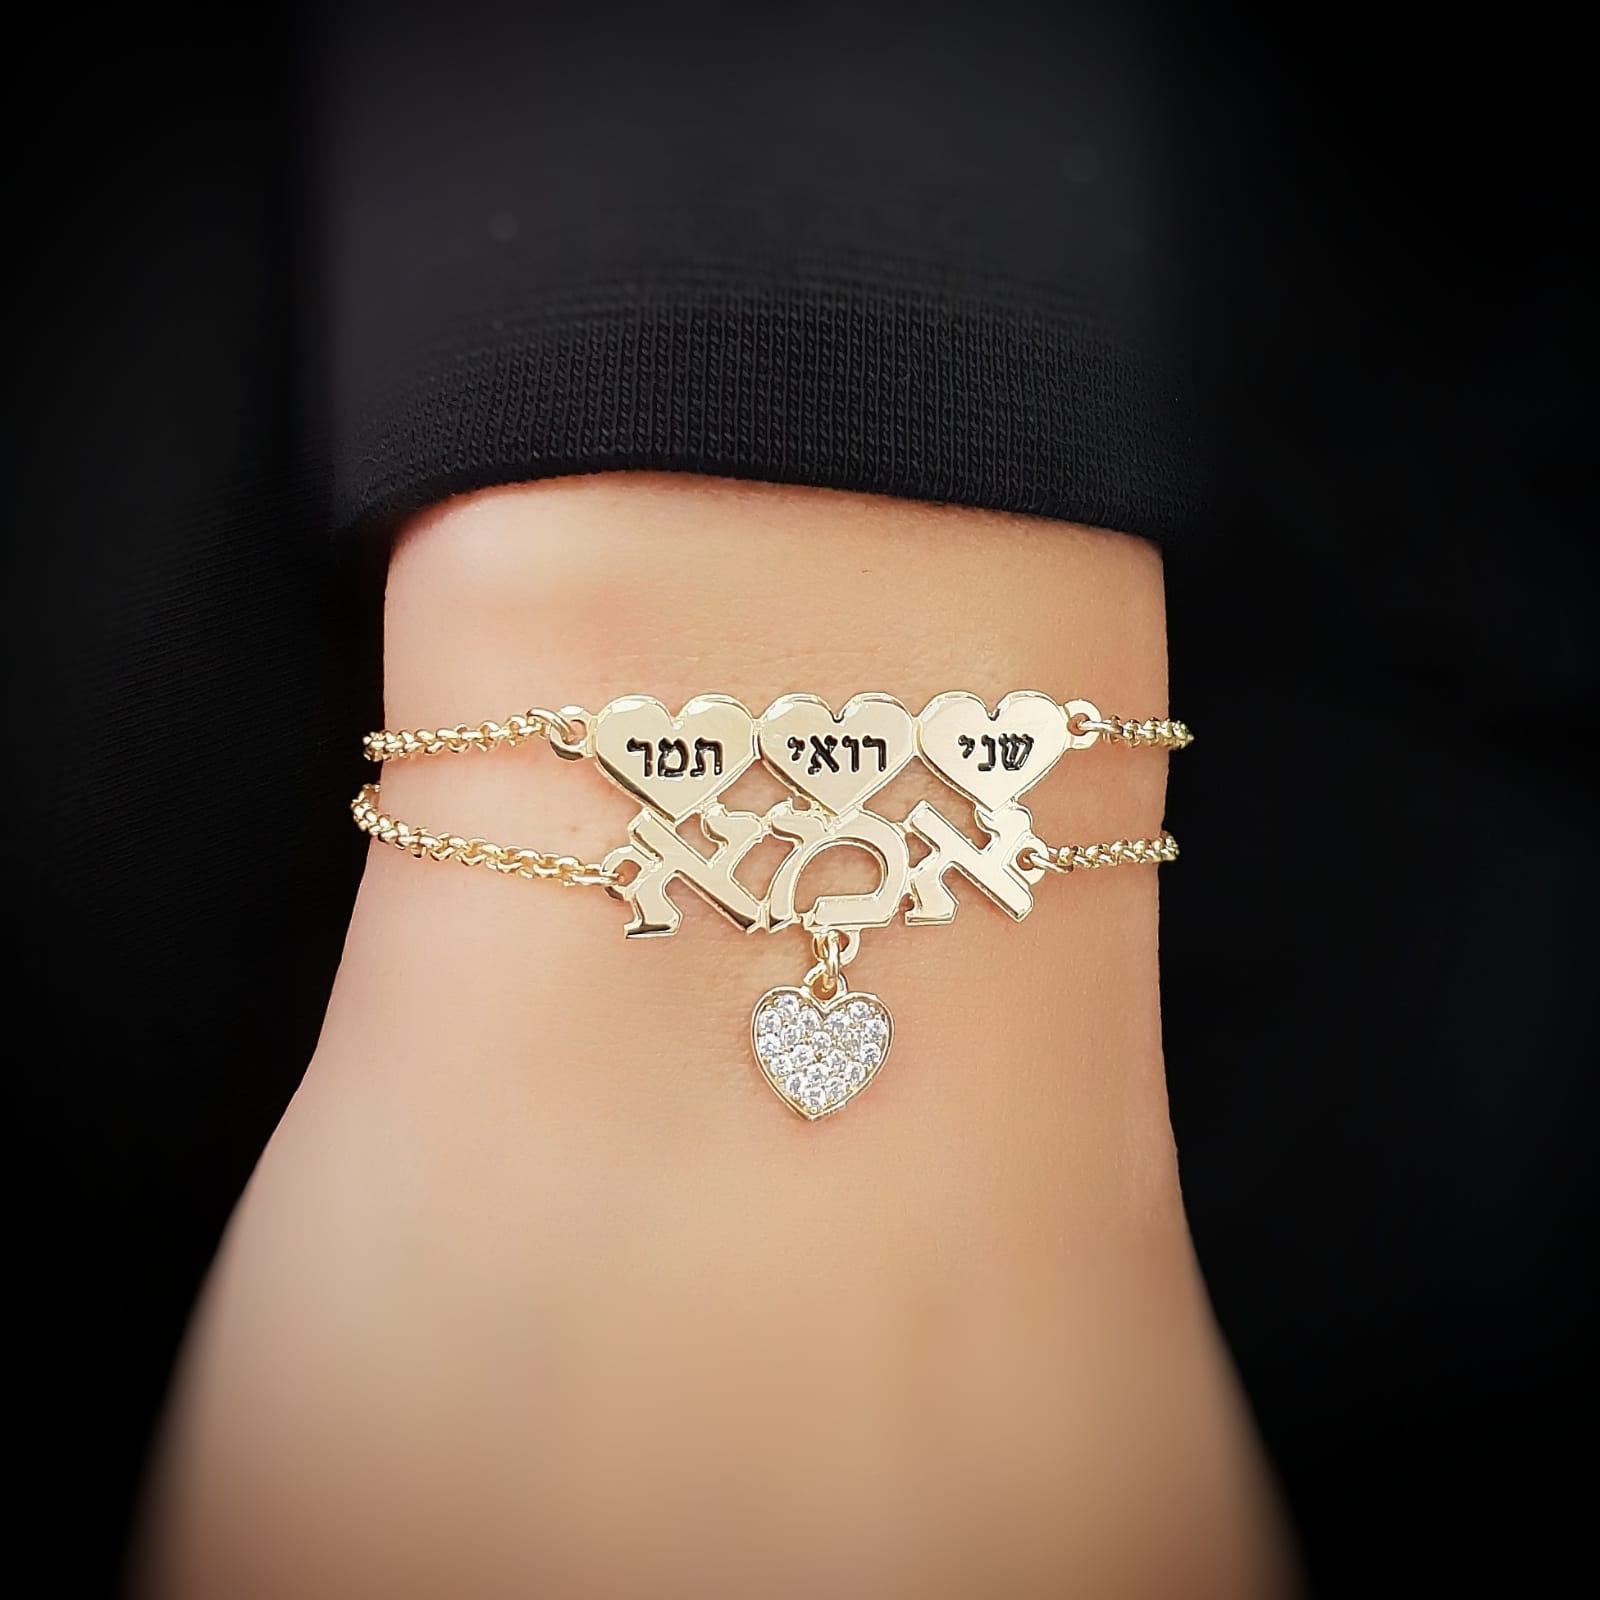 צמיד אמא 5 לבבות עם שרשרת חוליות-כסף 925/גולדפילד